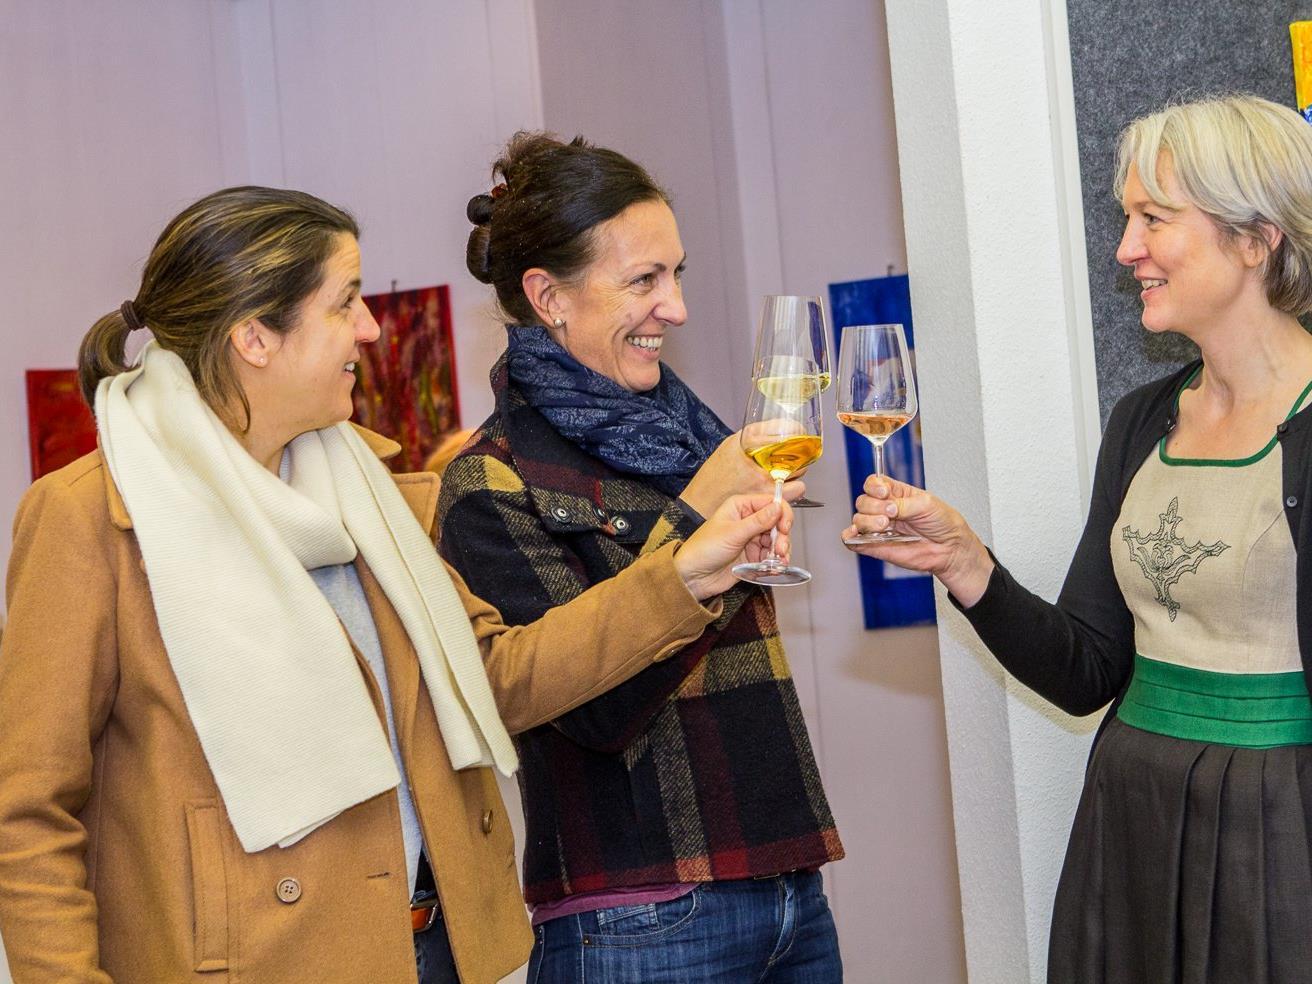 Die Besucher genossen Wein und Kunst und informierten sich über die Machart des Amphorneweines